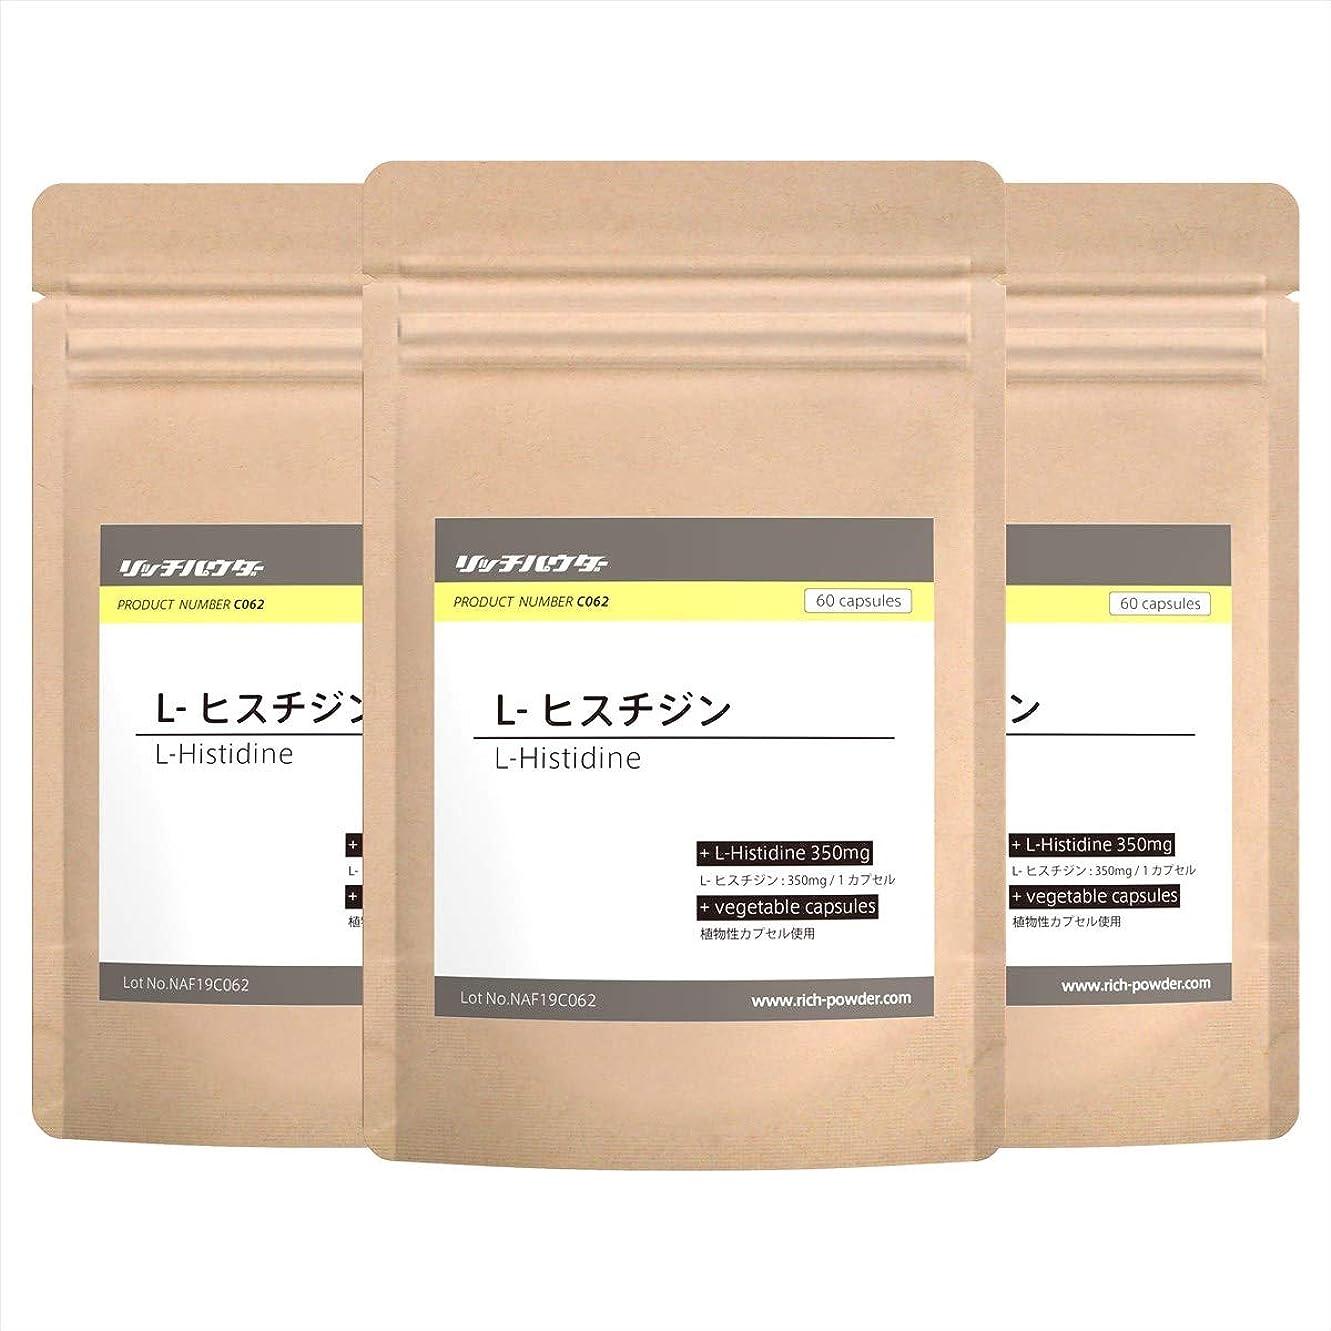 リアルミント変成器ヒスチジン サプリ 国産のL-ヒスチジン350mg含有 国内生産品 90日分(3袋、180カプセル)